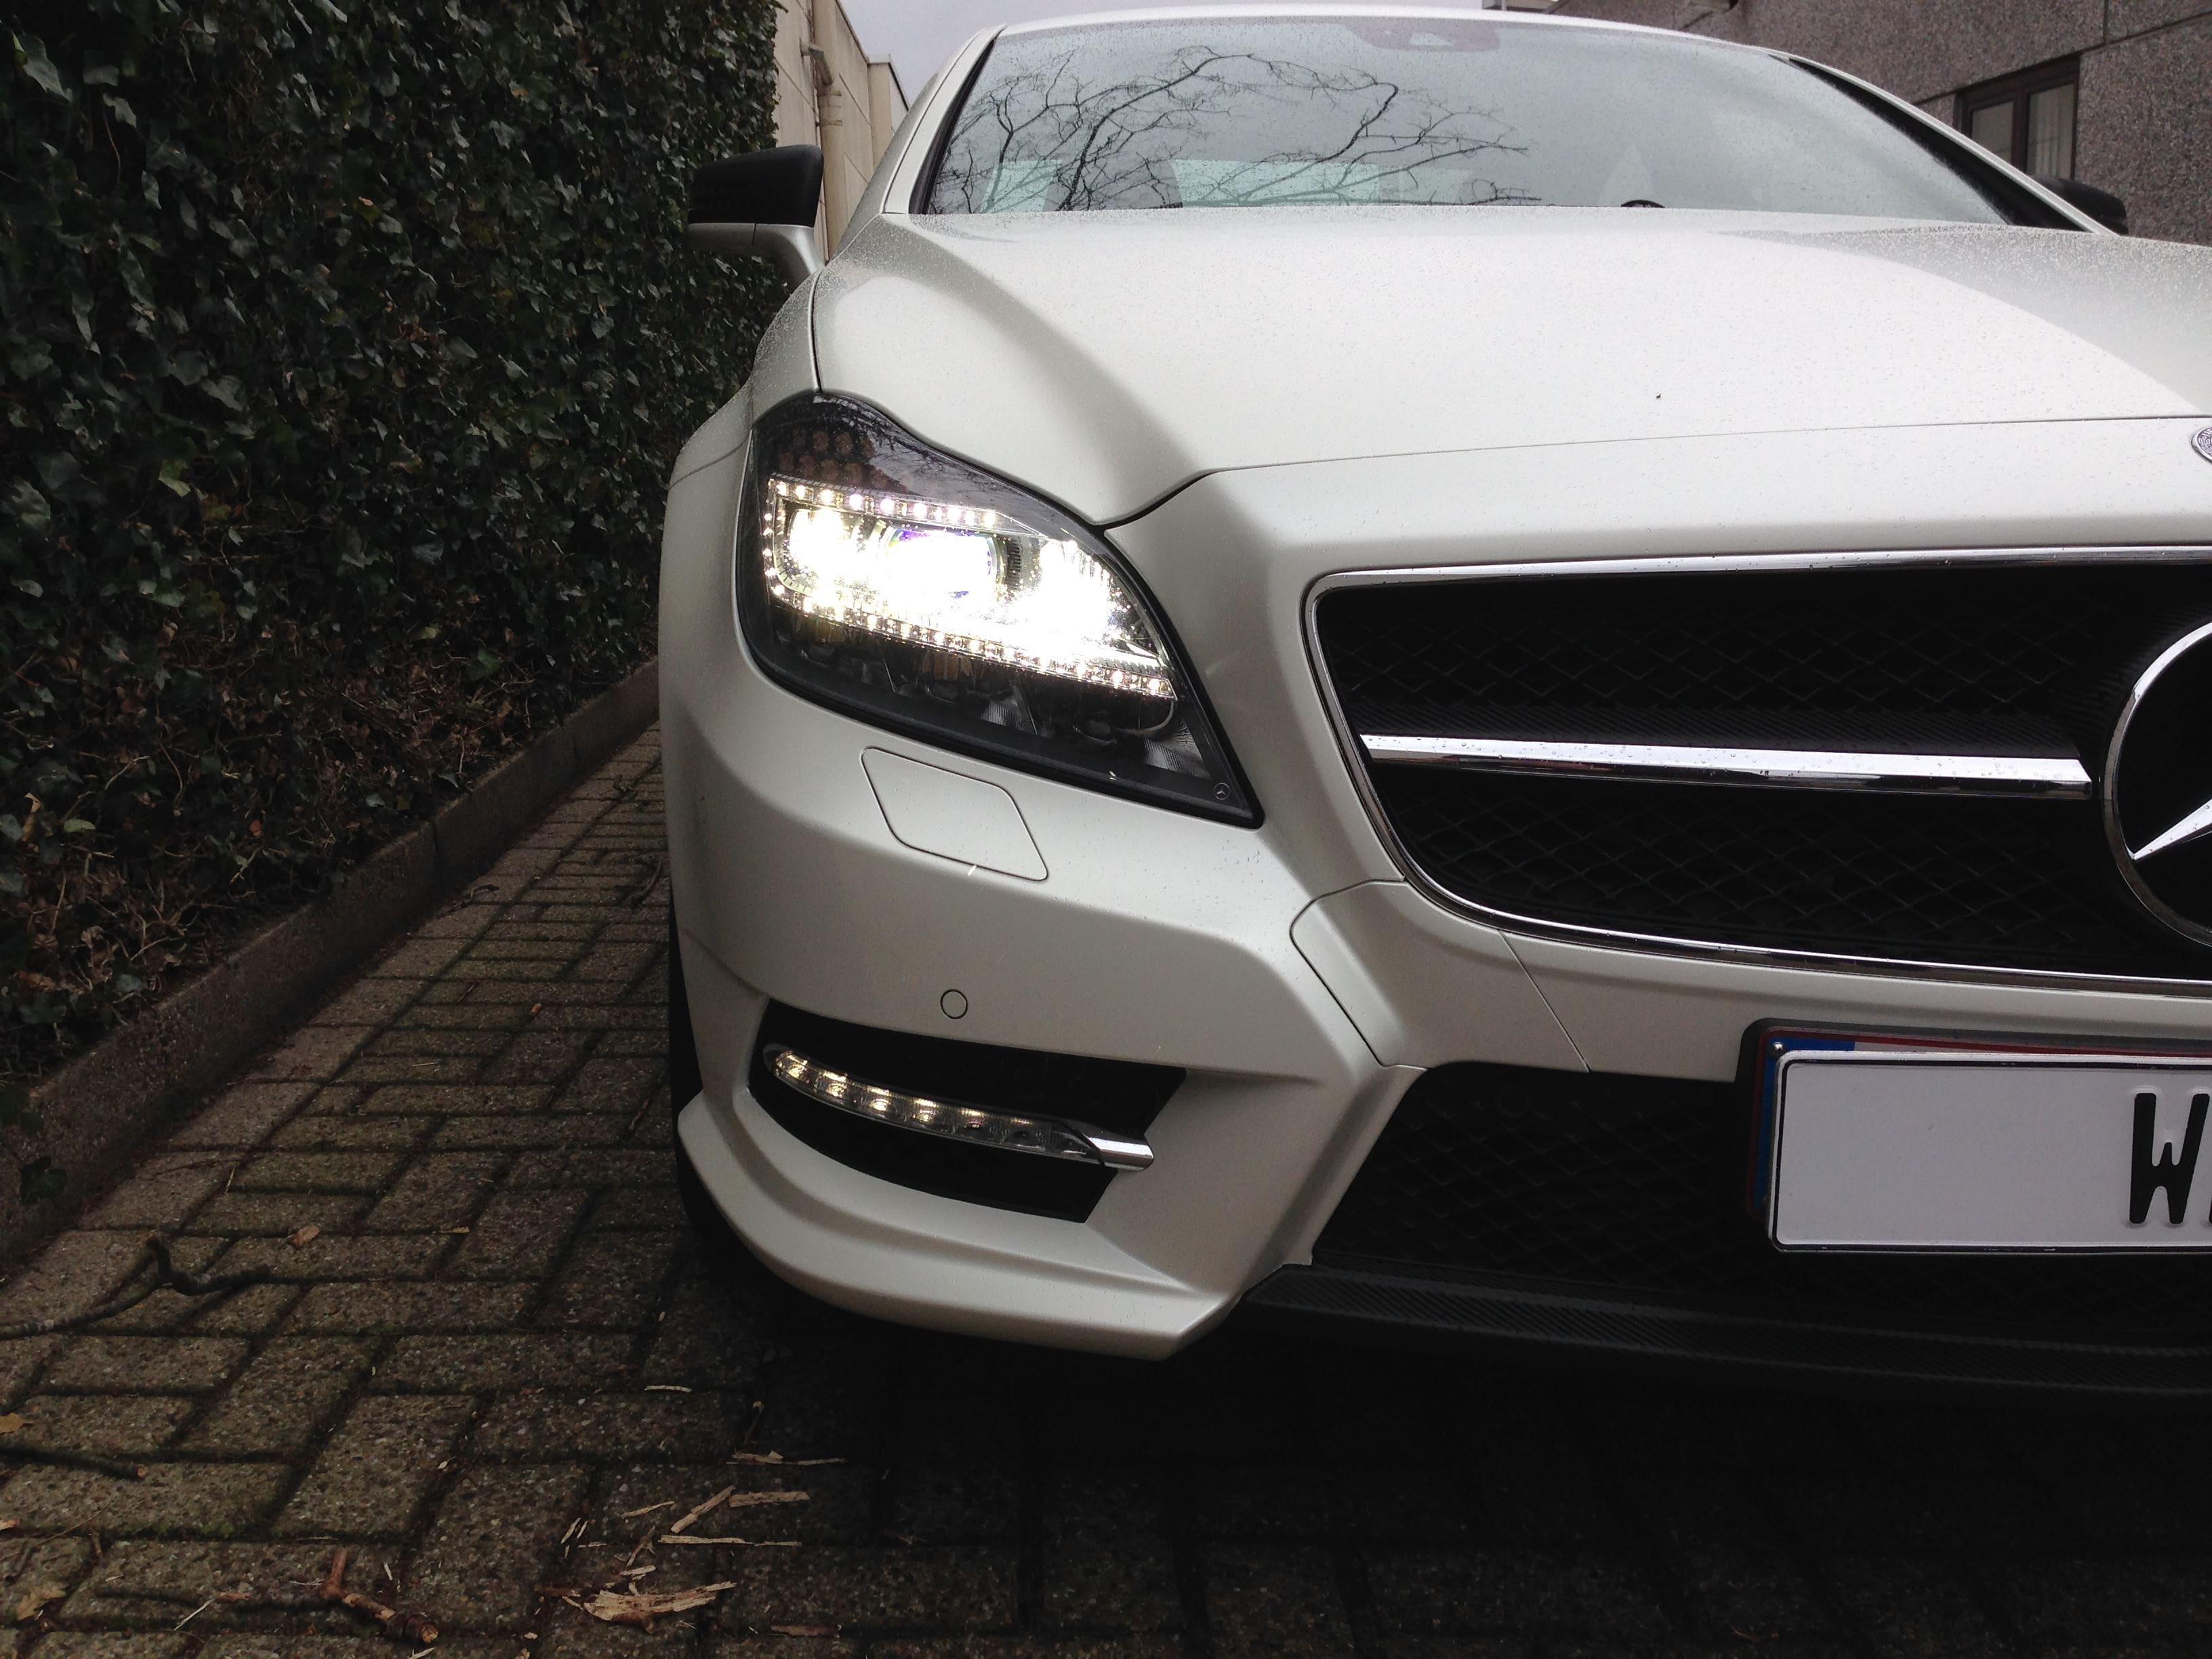 Mercedes CLS met White Satin Pearl Wrap, Carwrapping door Wrapmyride.nu Foto-nr:6204, ©2021